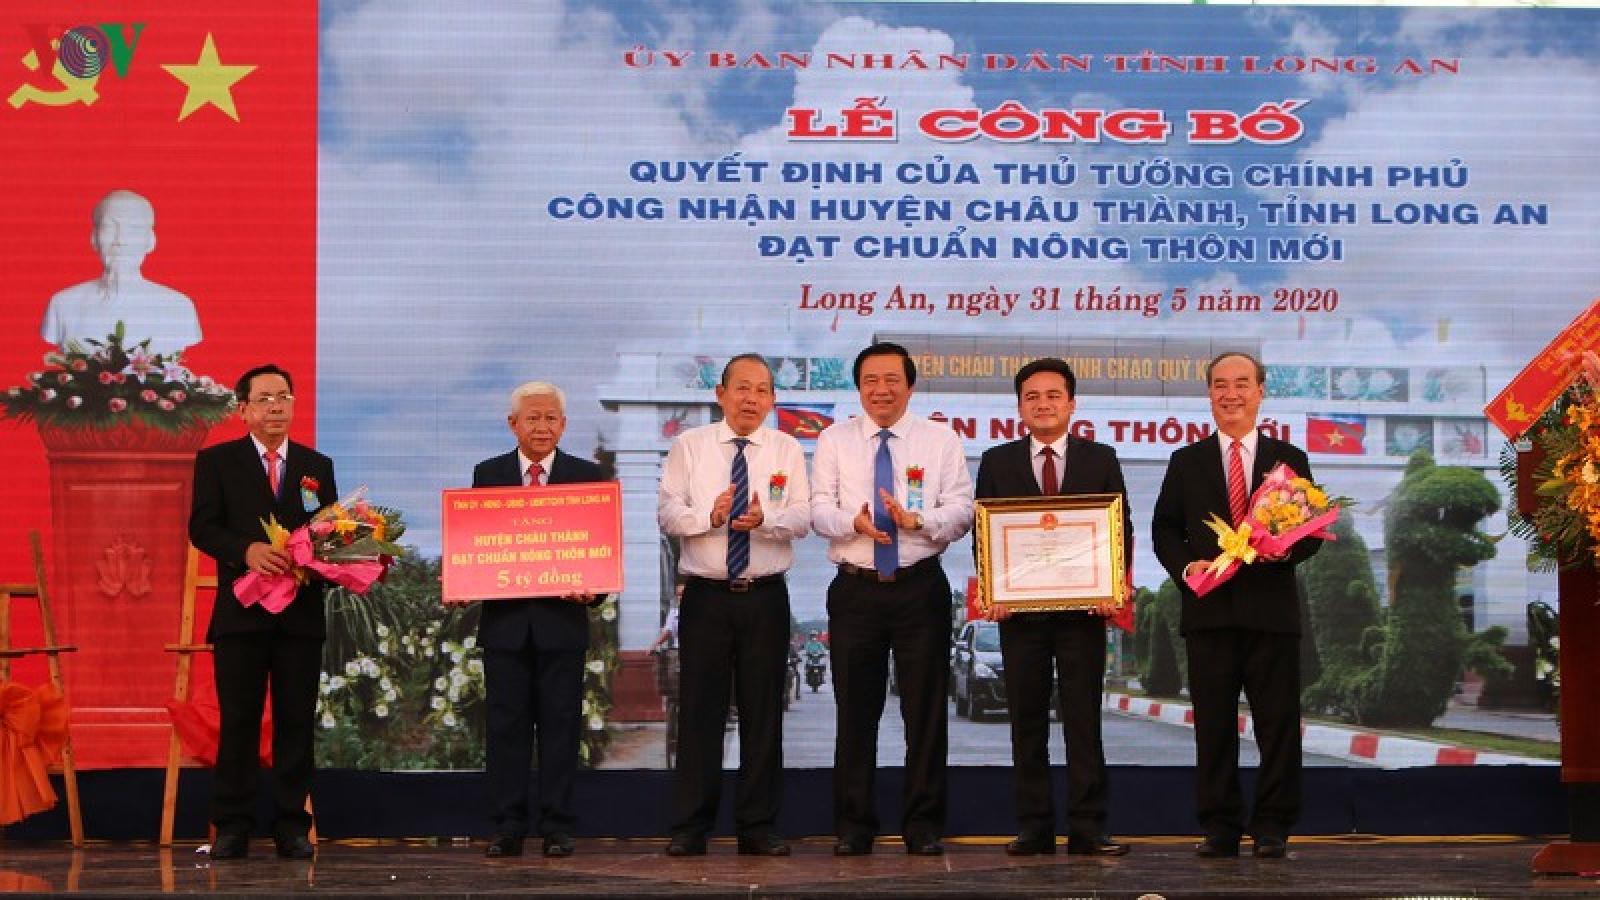 Lễ công bố huyện nông thôn mới đầu tiên của Long An